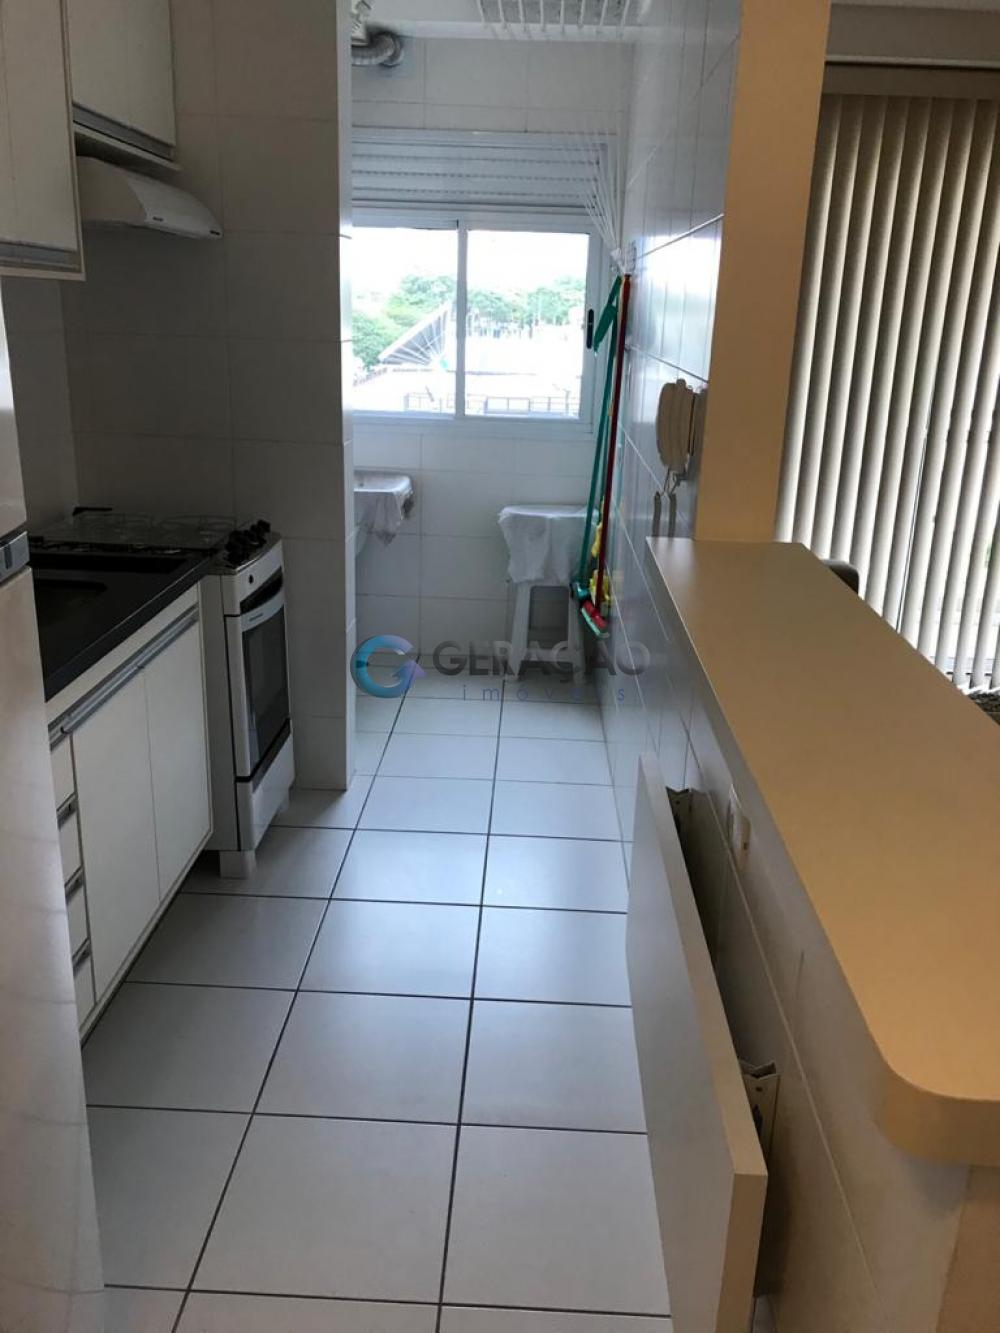 Comprar Apartamento / Padrão em São José dos Campos R$ 370.000,00 - Foto 13